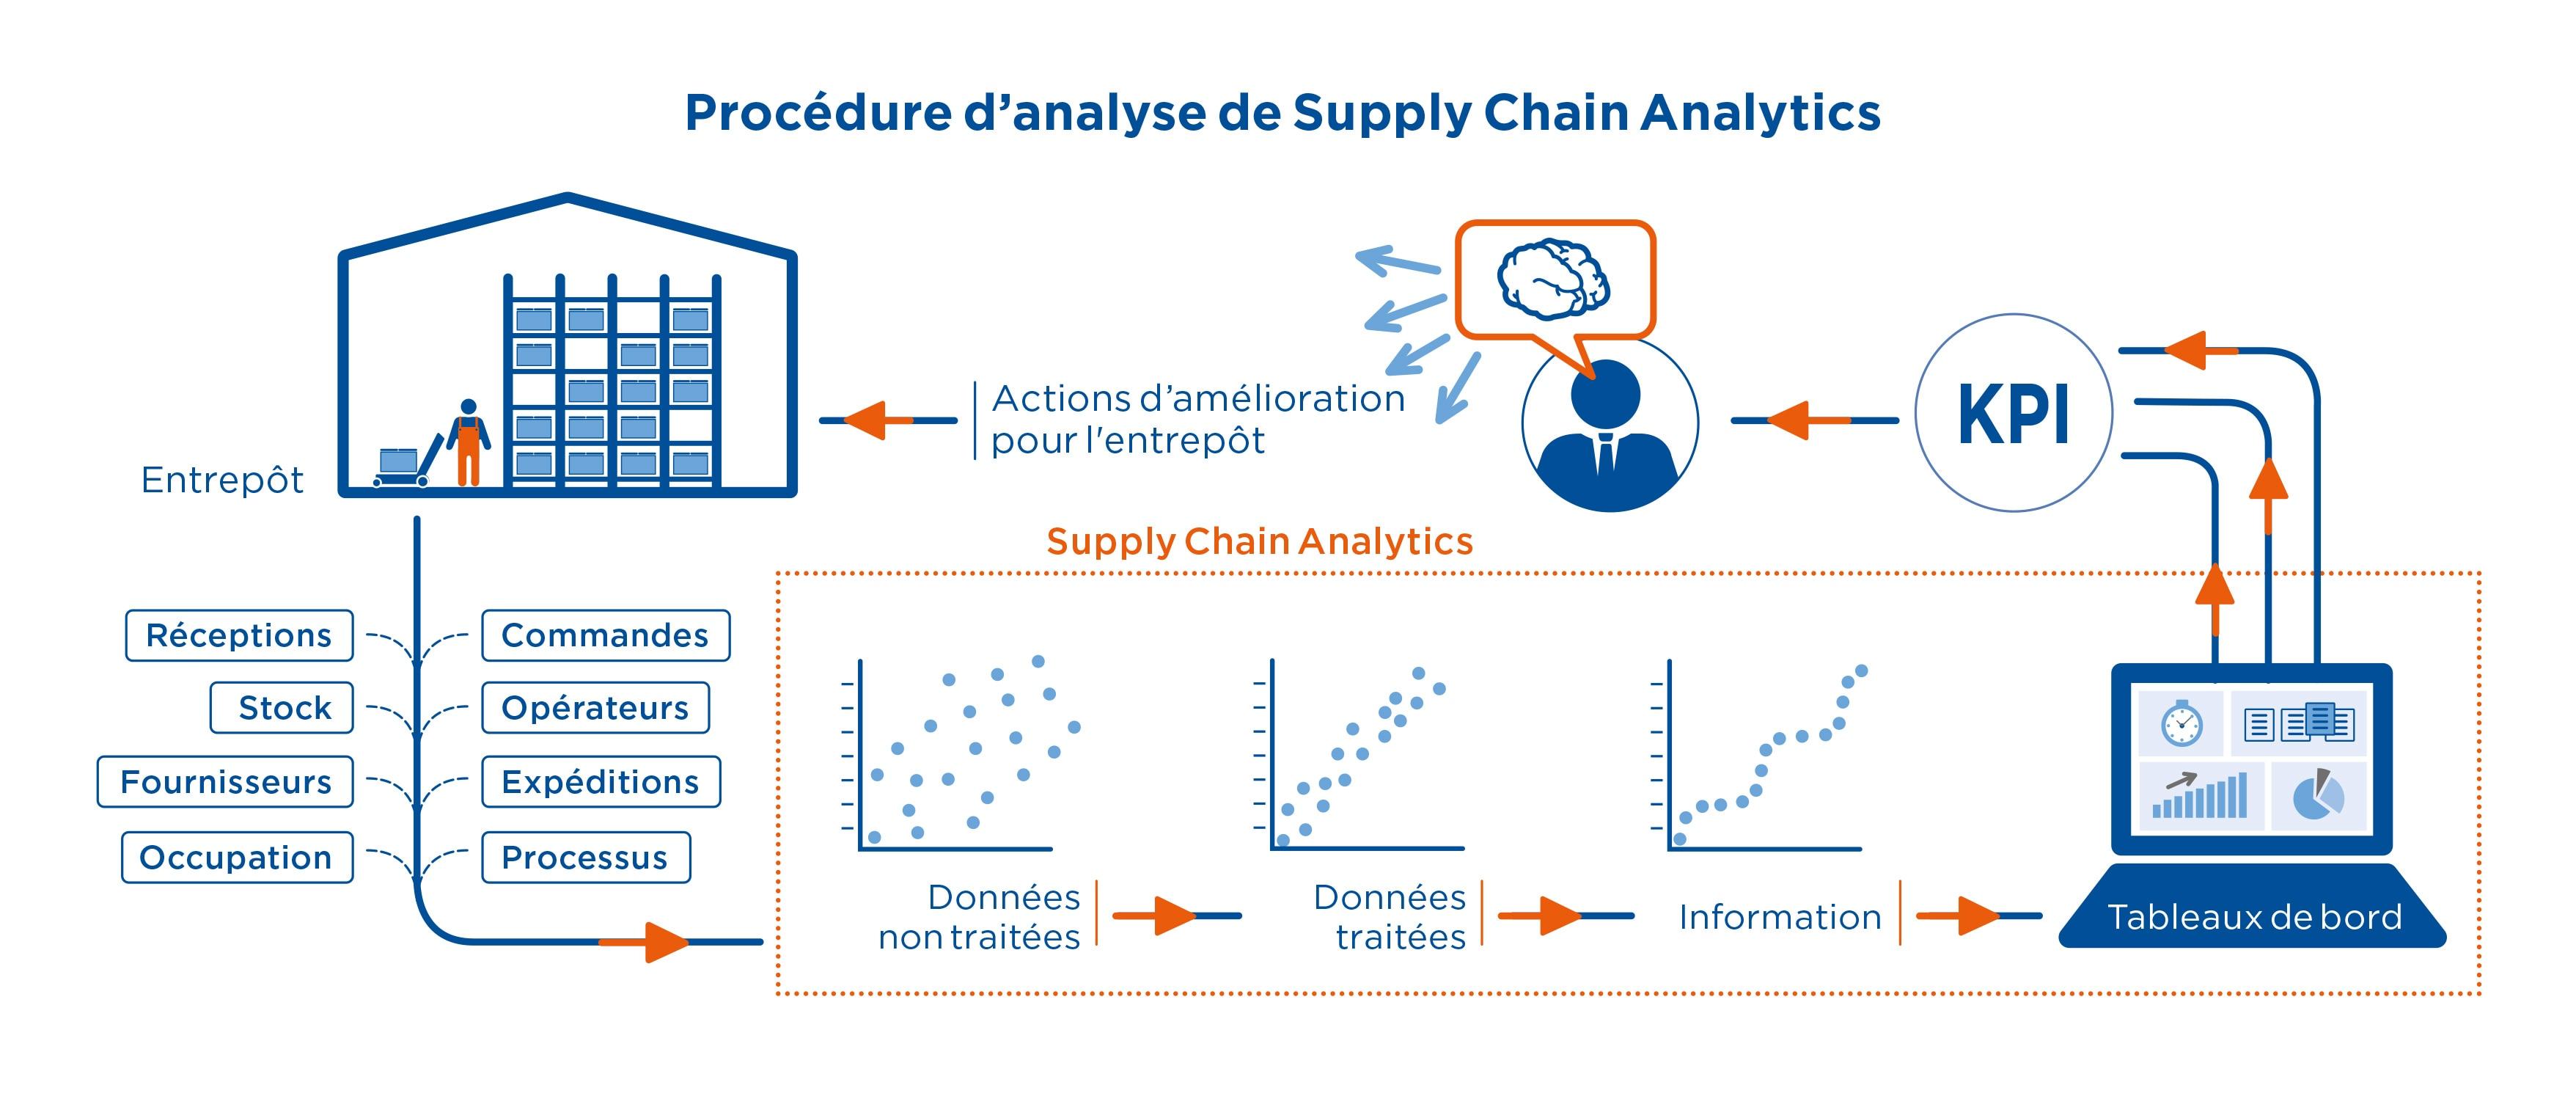 Proccédure d'analyse de Supply Chain Analytics